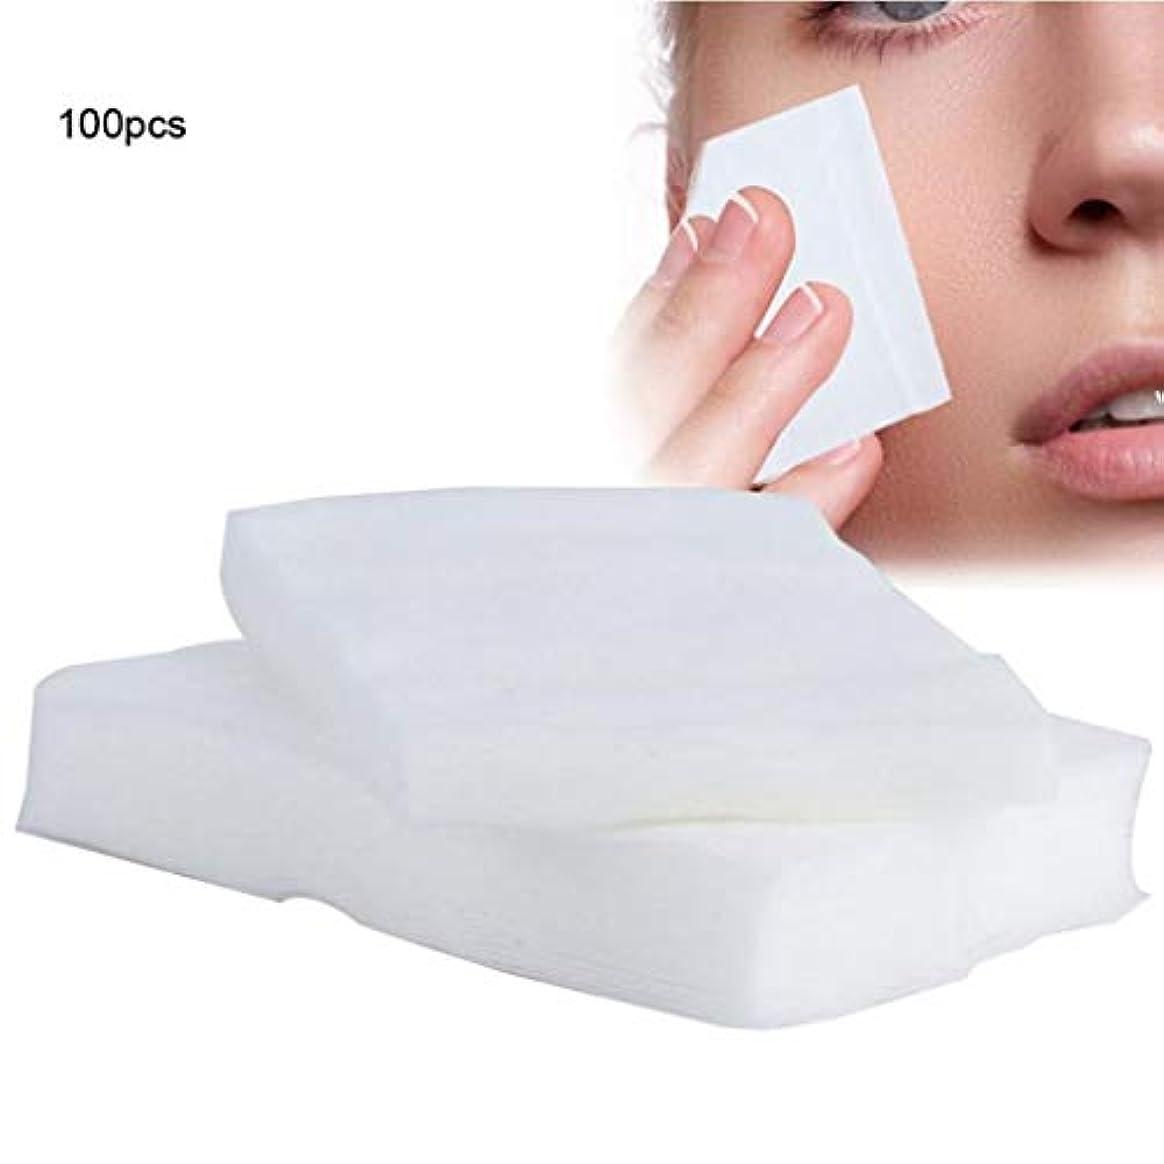 やりがいのあるオーバーラン爵クレンジングシート 100ピース化粧コットンパッド使い捨て化粧品リムーバーソフトフェイシャルクレンジングワイプペーパータオルメイクアップリムーバーワイプ (Color : White, サイズ : 6*7cm)